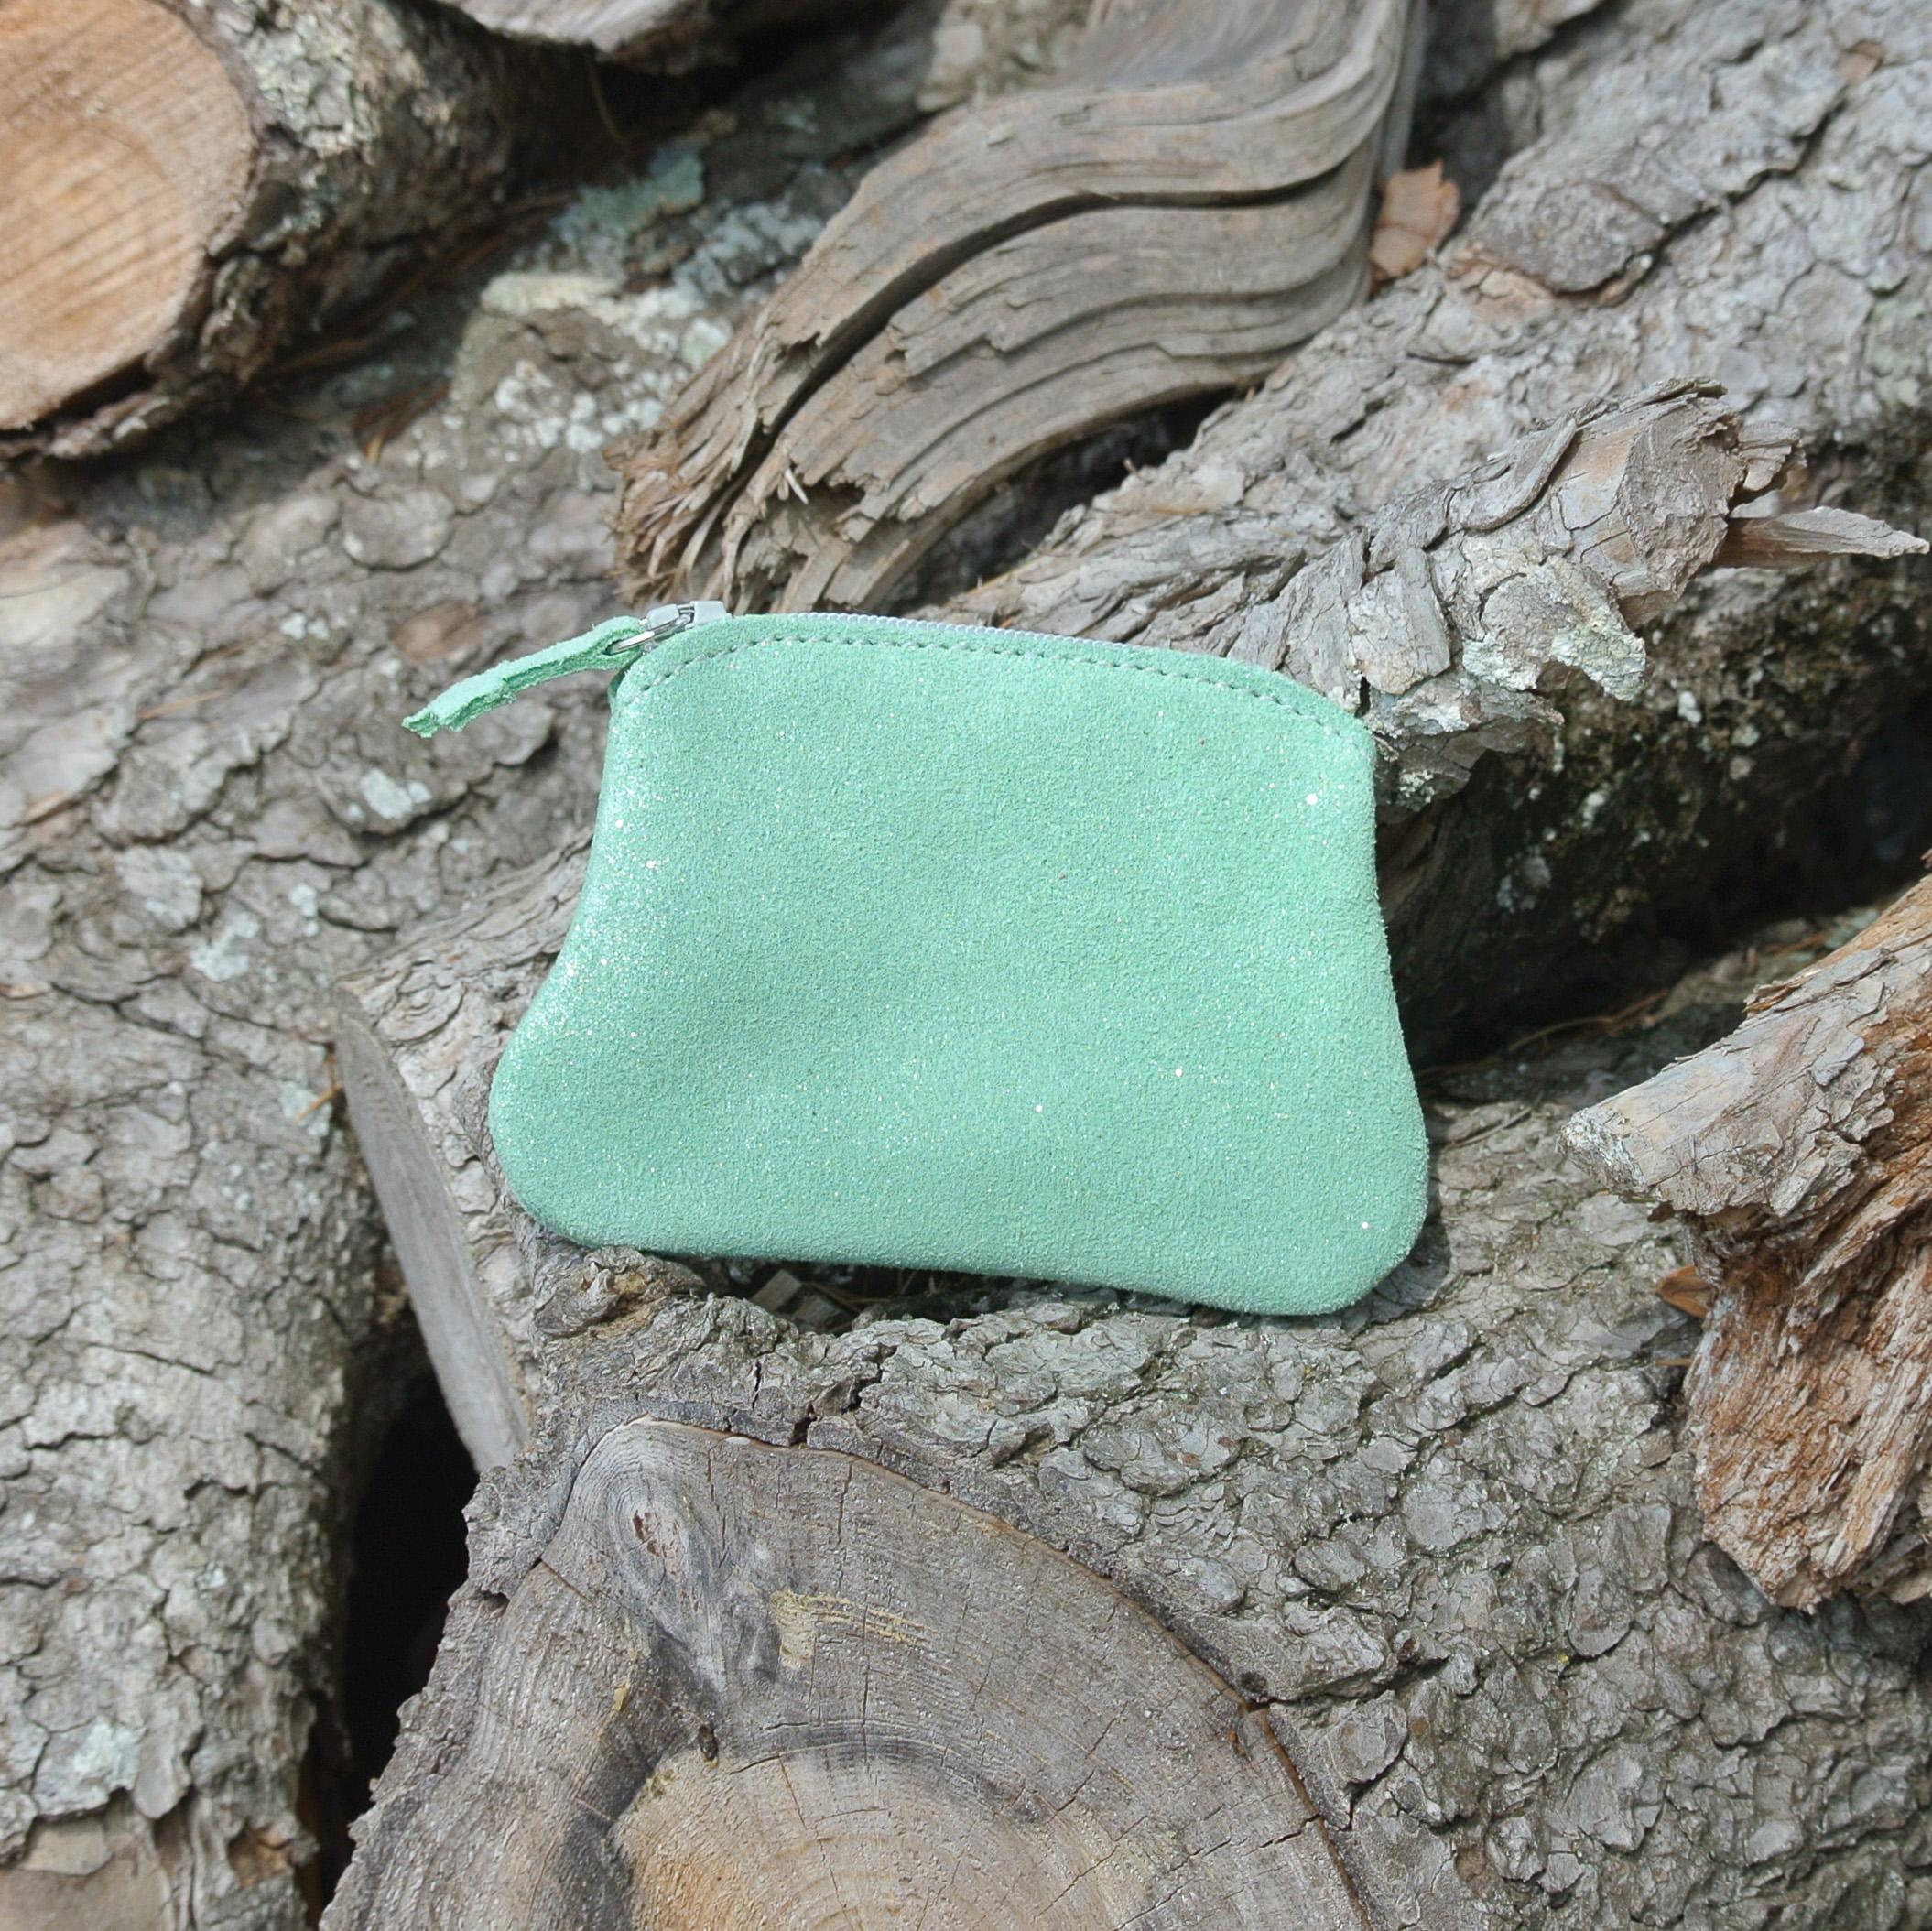 cuirs-fantaisies-la-cartabliere-fabrique-en-france-porte-monnaie-kiwi-en-cuir-paillete-vert-amande